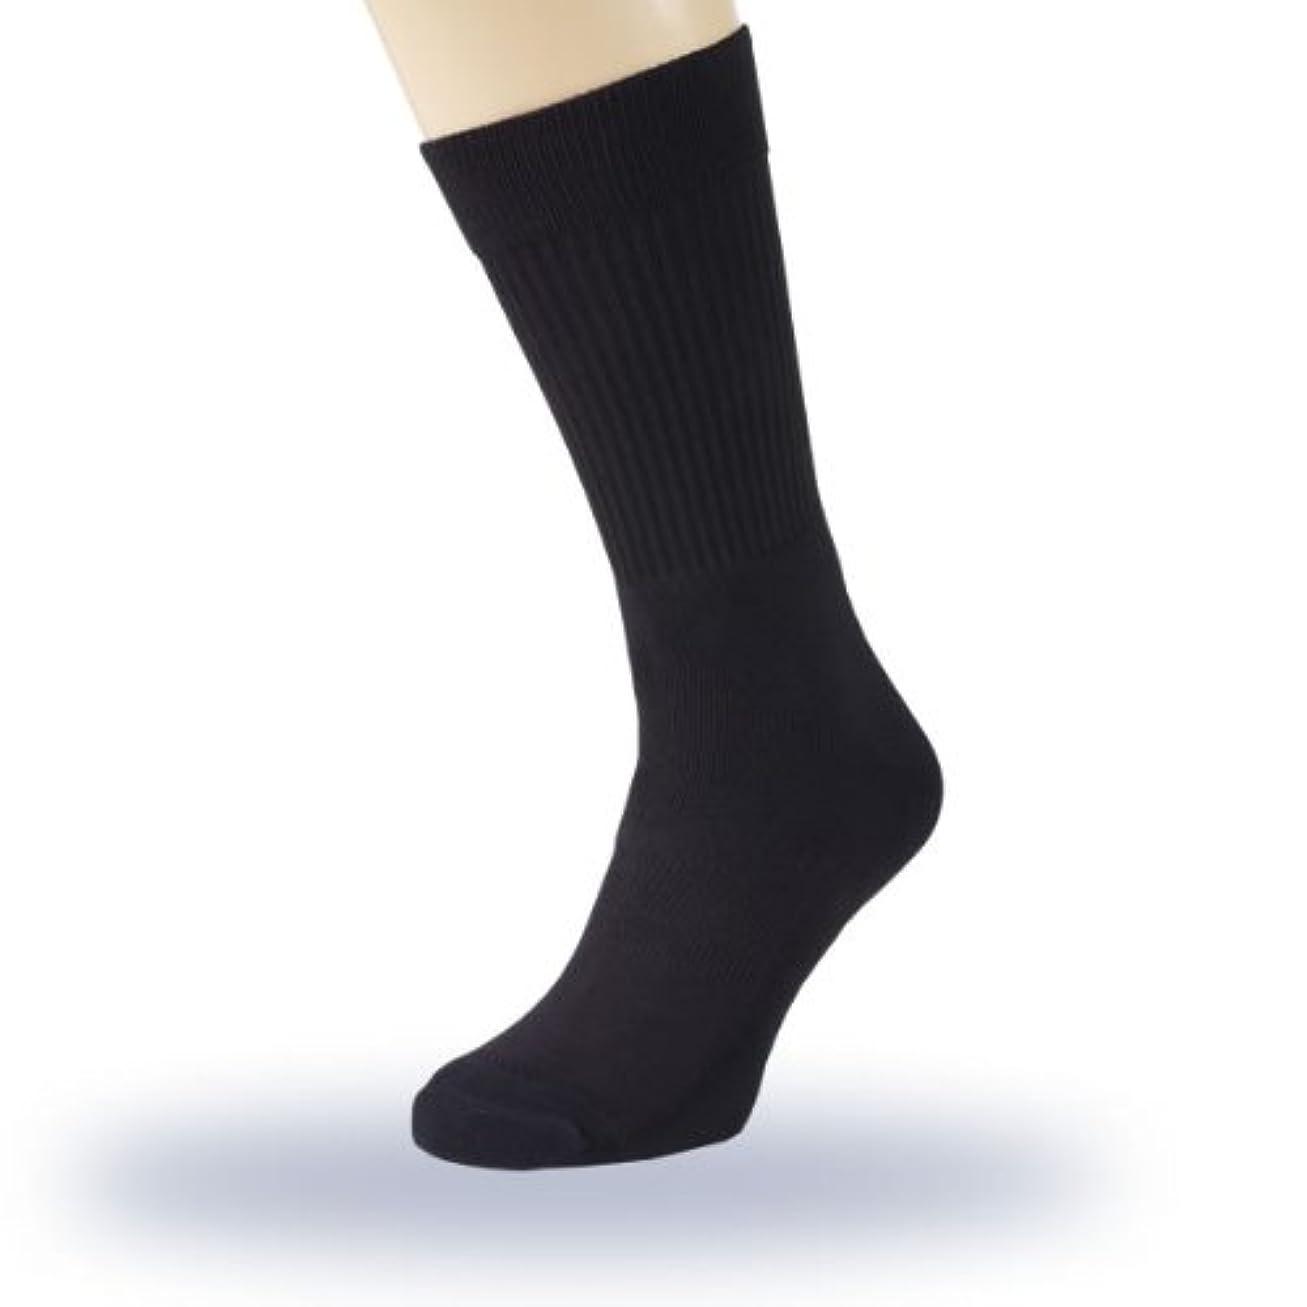 ましいバタフライ罪人フットケアソックス PROTECT iT(プロテクトイット) 男女兼用 ブラック (M 23cm~25.5cm)